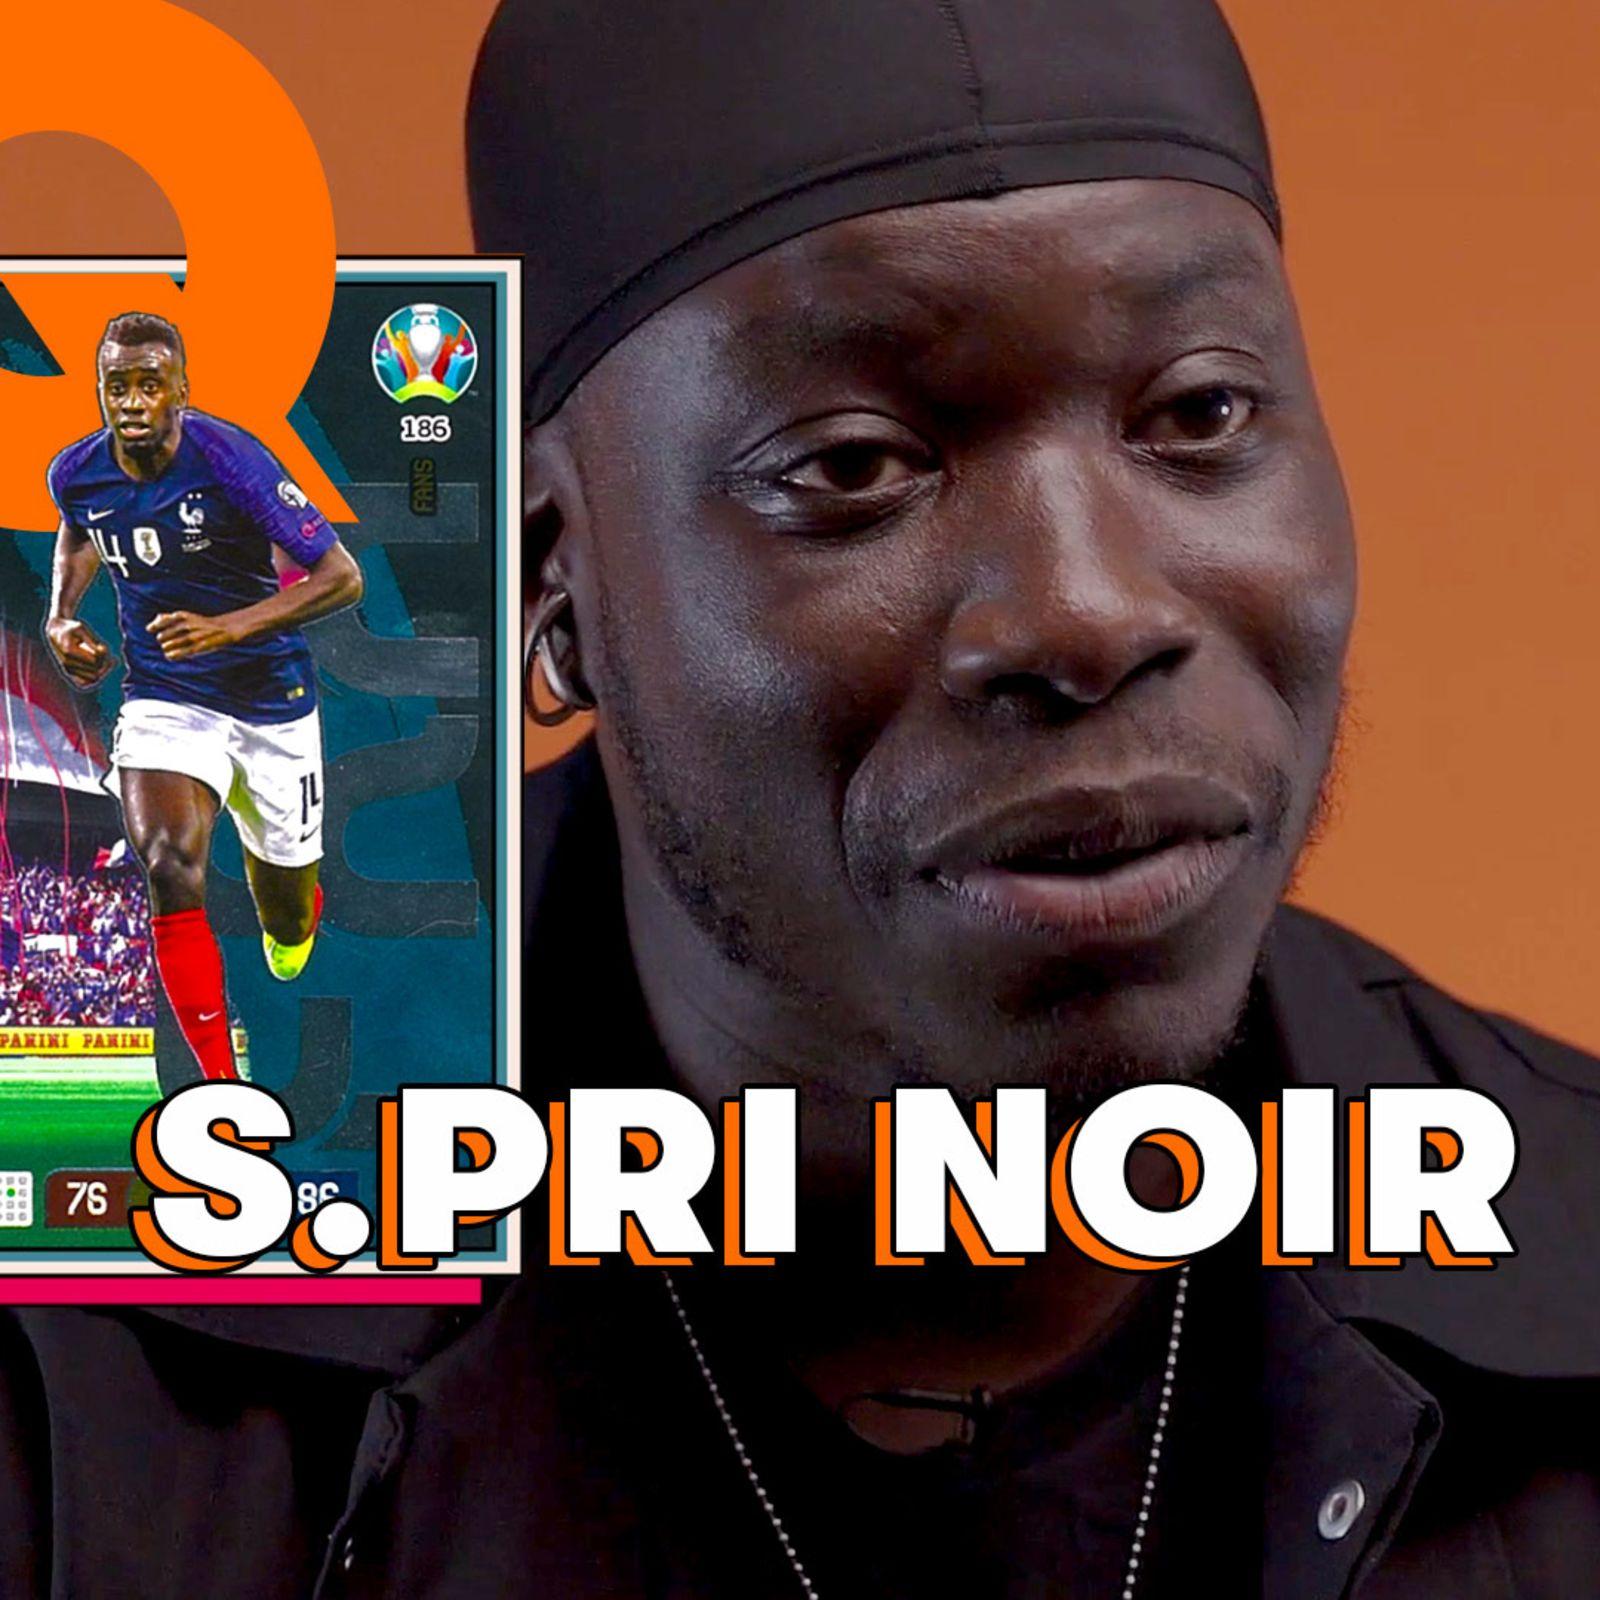 La Tier List football de S.Pri Noir : Cristiano Ronaldo, Zlatan Ibrahimovic, Kylian Mbappé